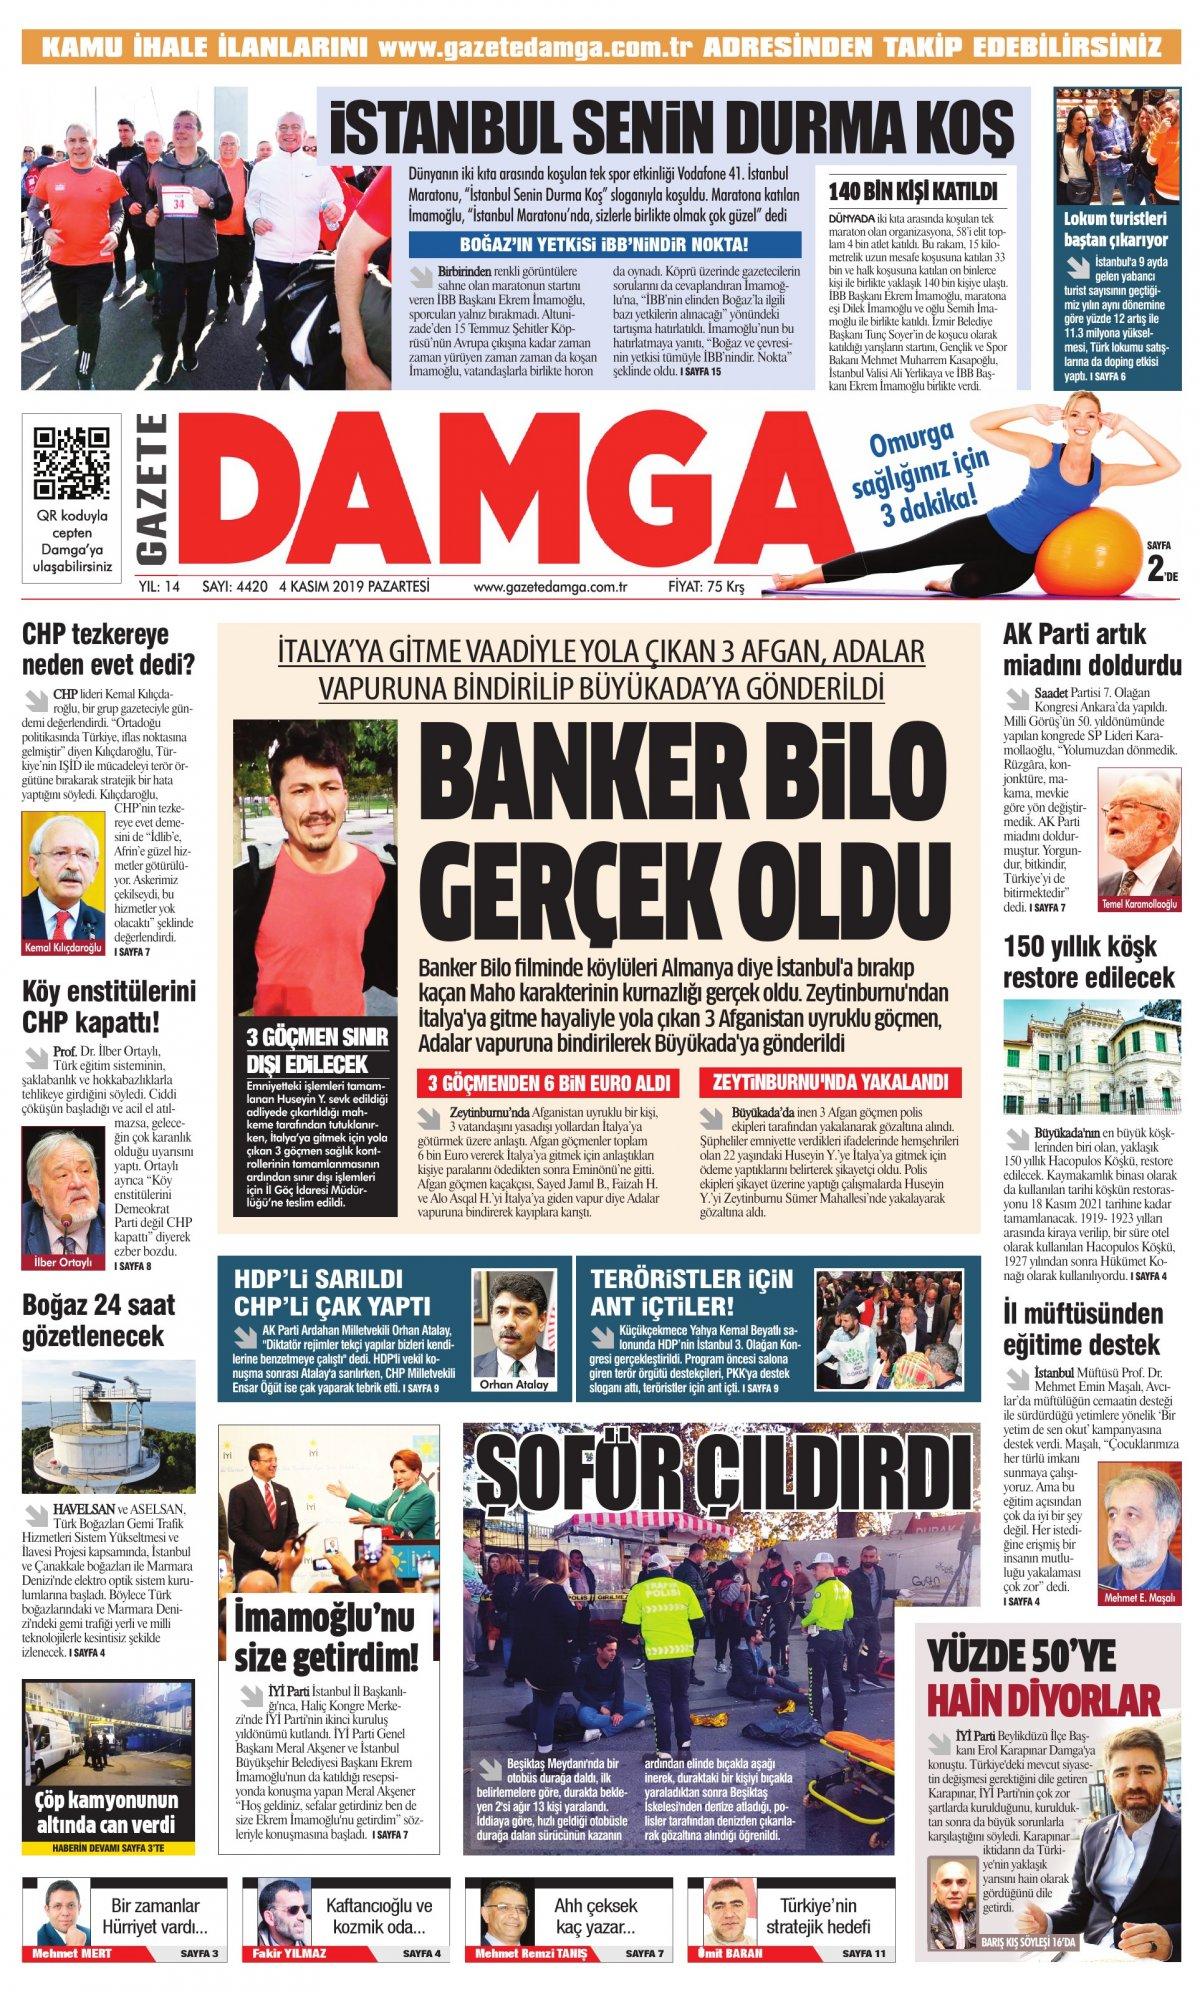 Gazete Damga - 04.11.2019 Sayfaları